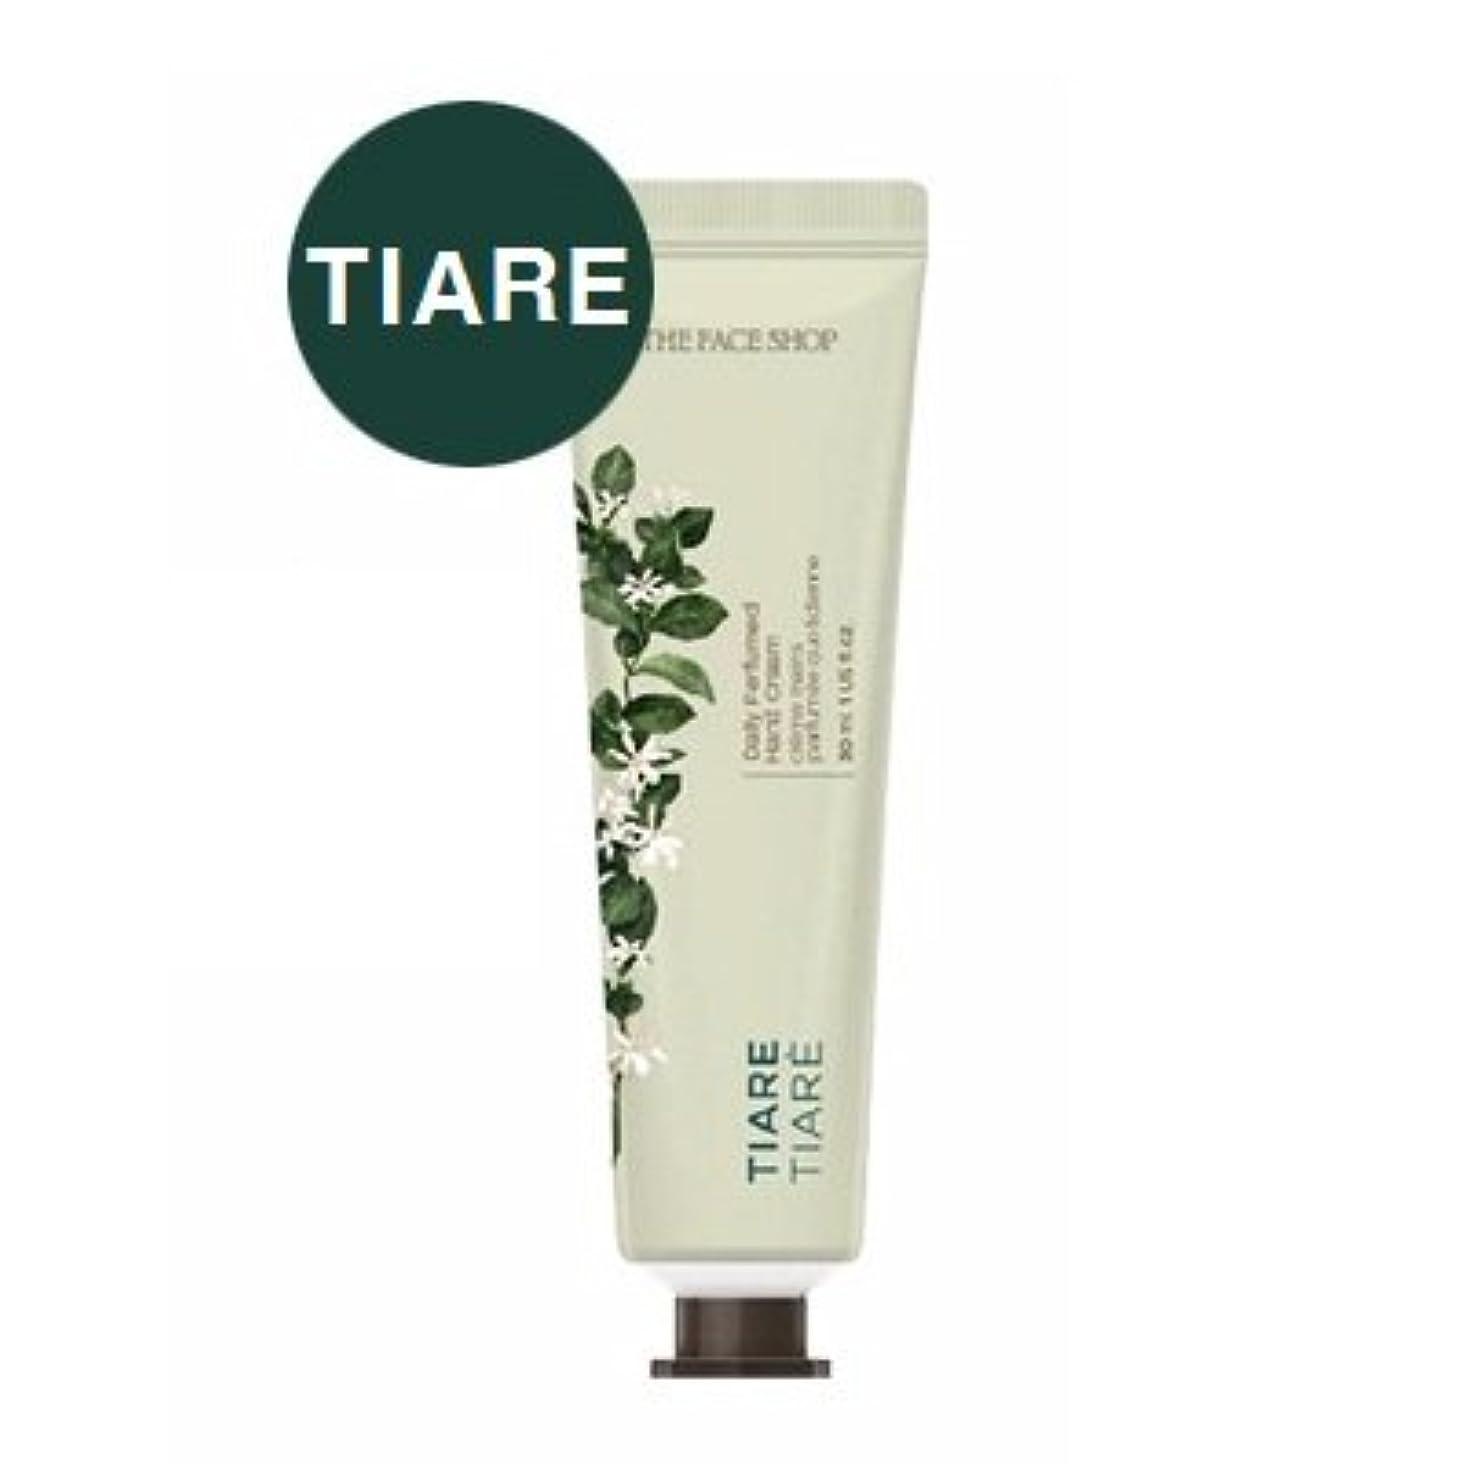 頑丈才能のある挽くTHE FACE SHOP Daily Perfume Hand Cream [02. Tiare] ザフェイスショップ デイリーパフュームハンドクリーム [02. ティアレ] [new] [並行輸入品]